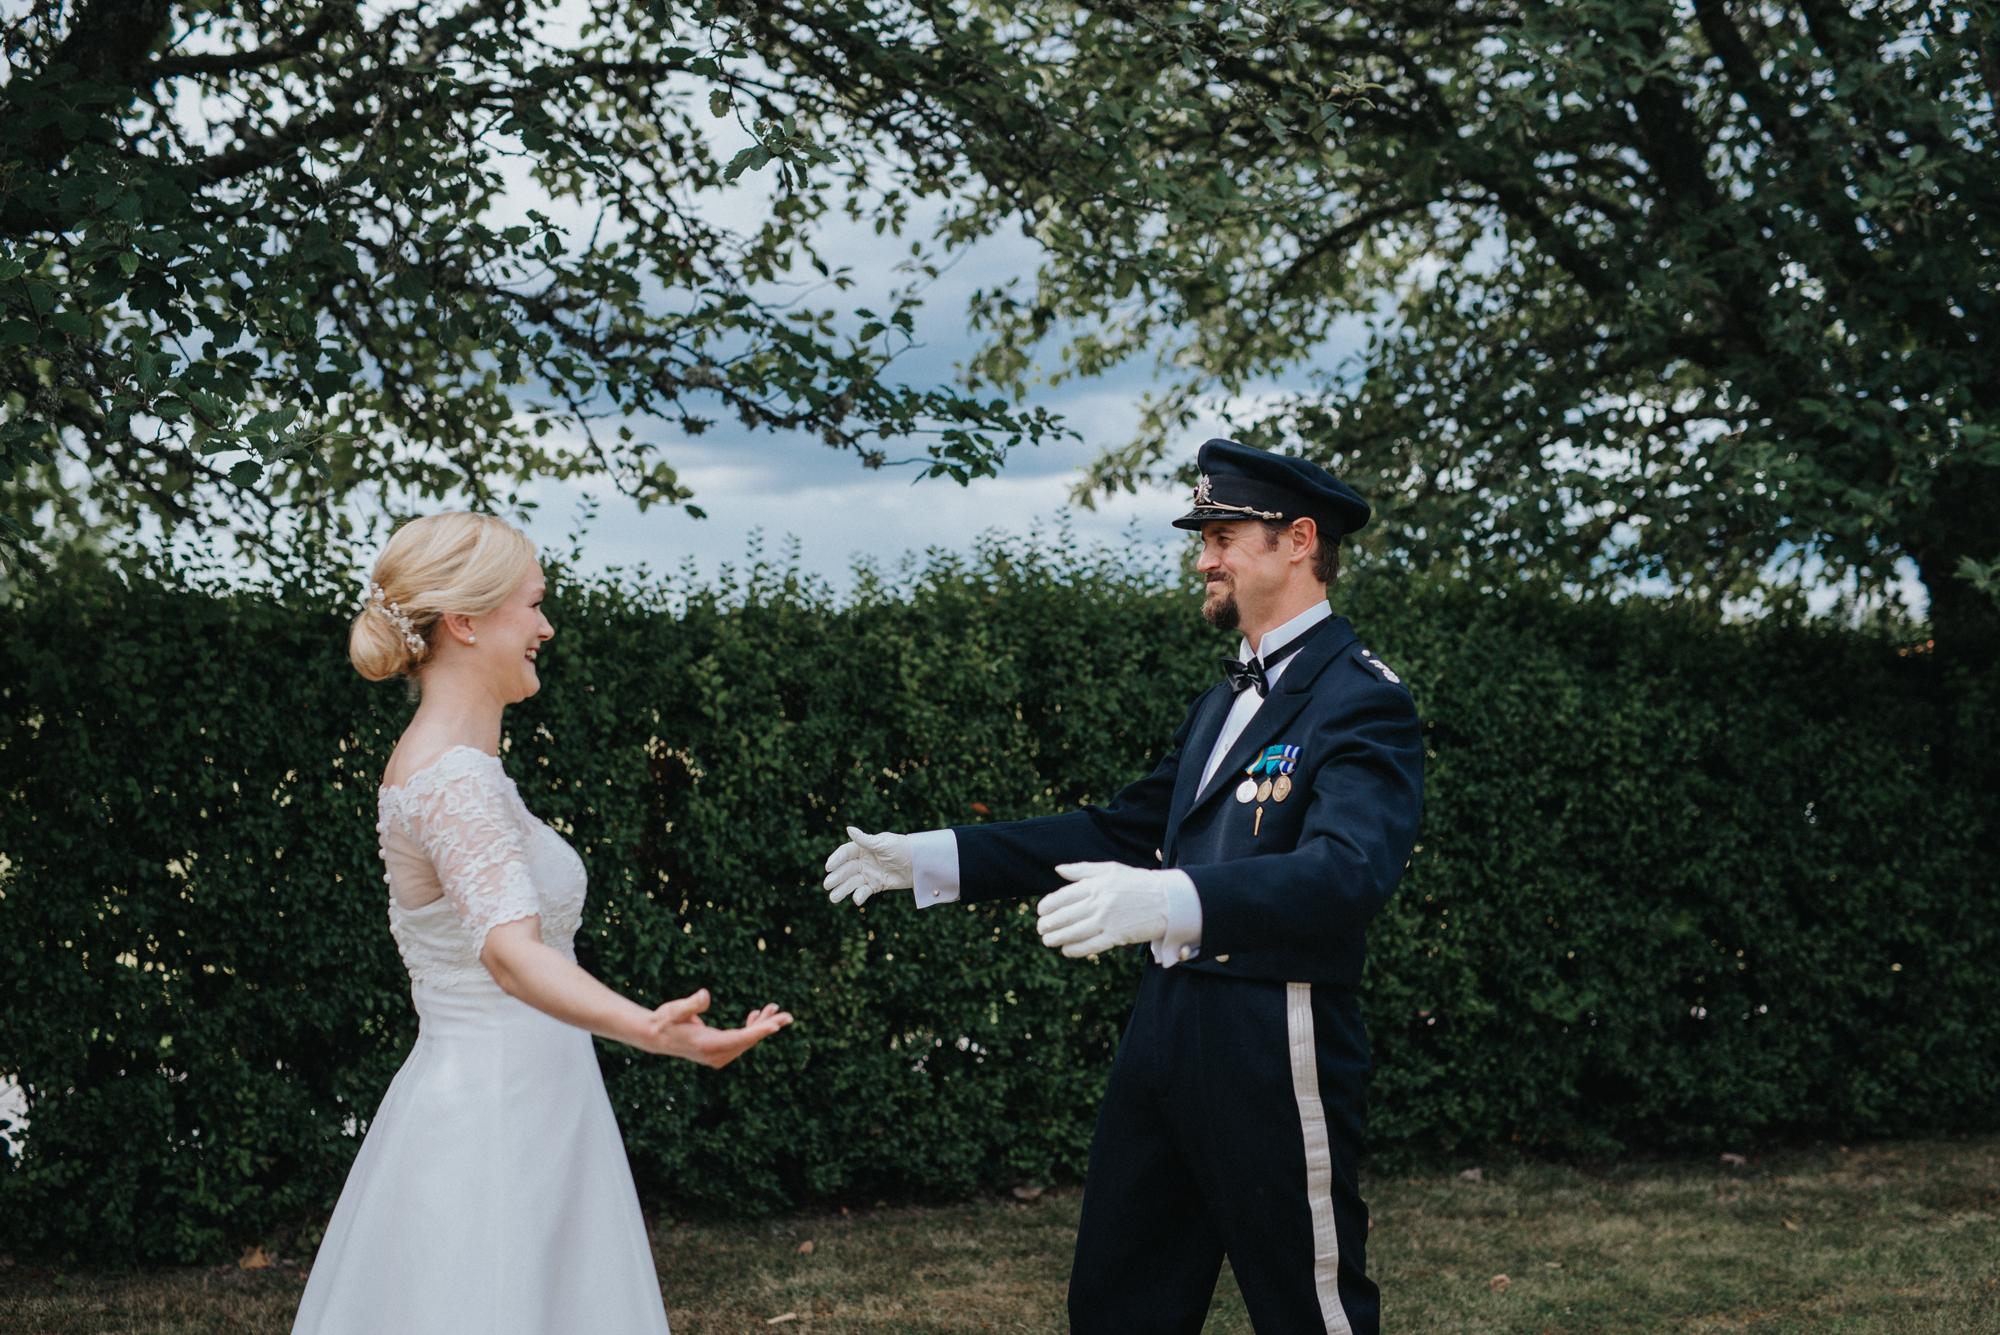 016-bröllopsfotograf-vassunda-knivsta-neas-fotografi.jpg